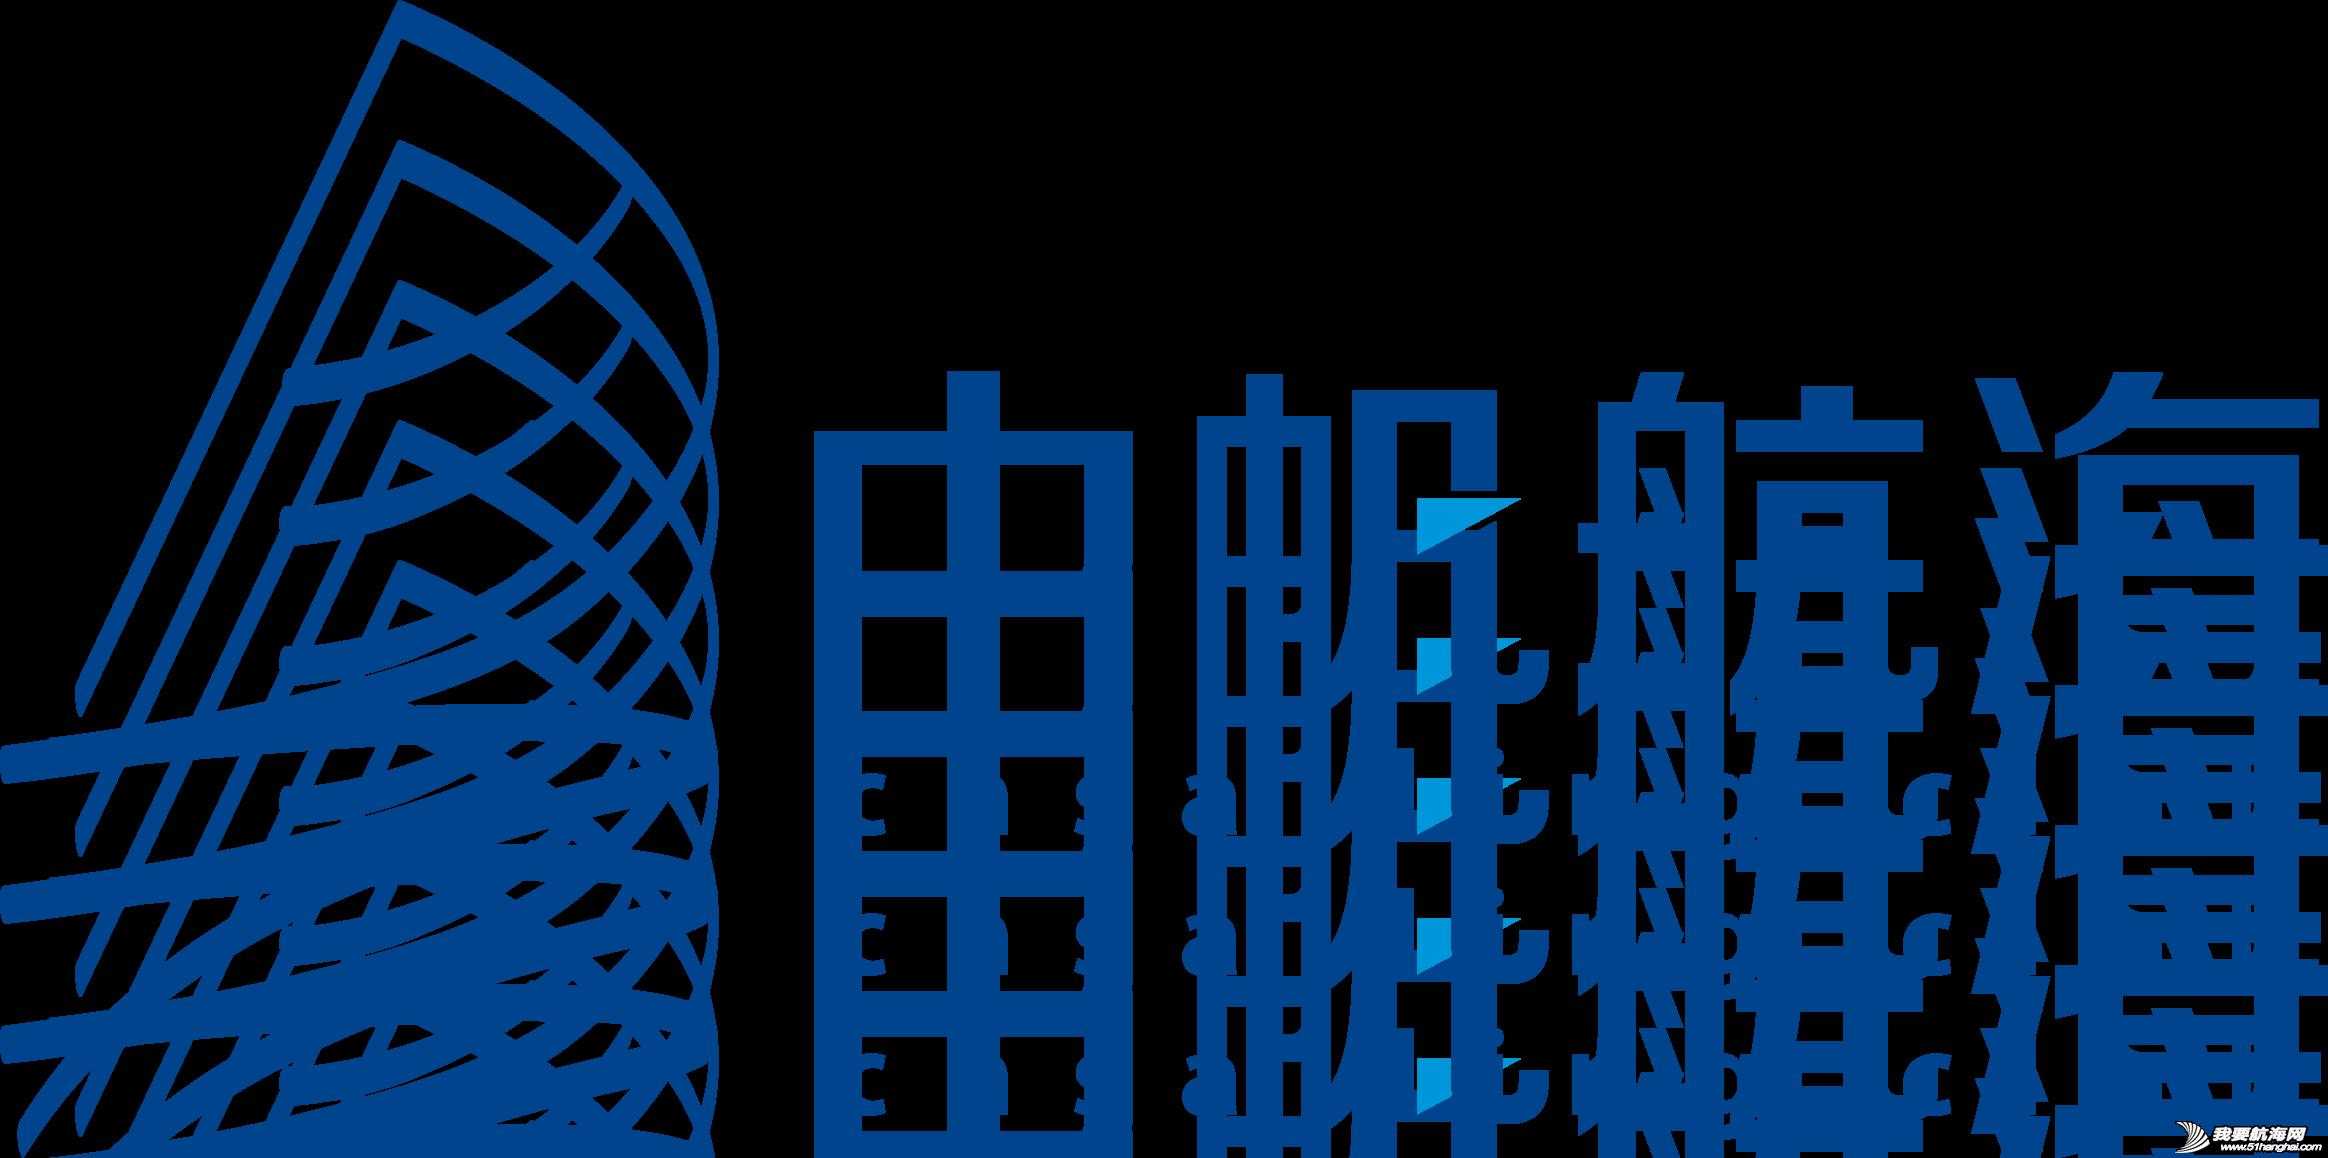 帆船运动,南山区,深圳市,俱乐部,联系人 深圳中帆航海俱乐部